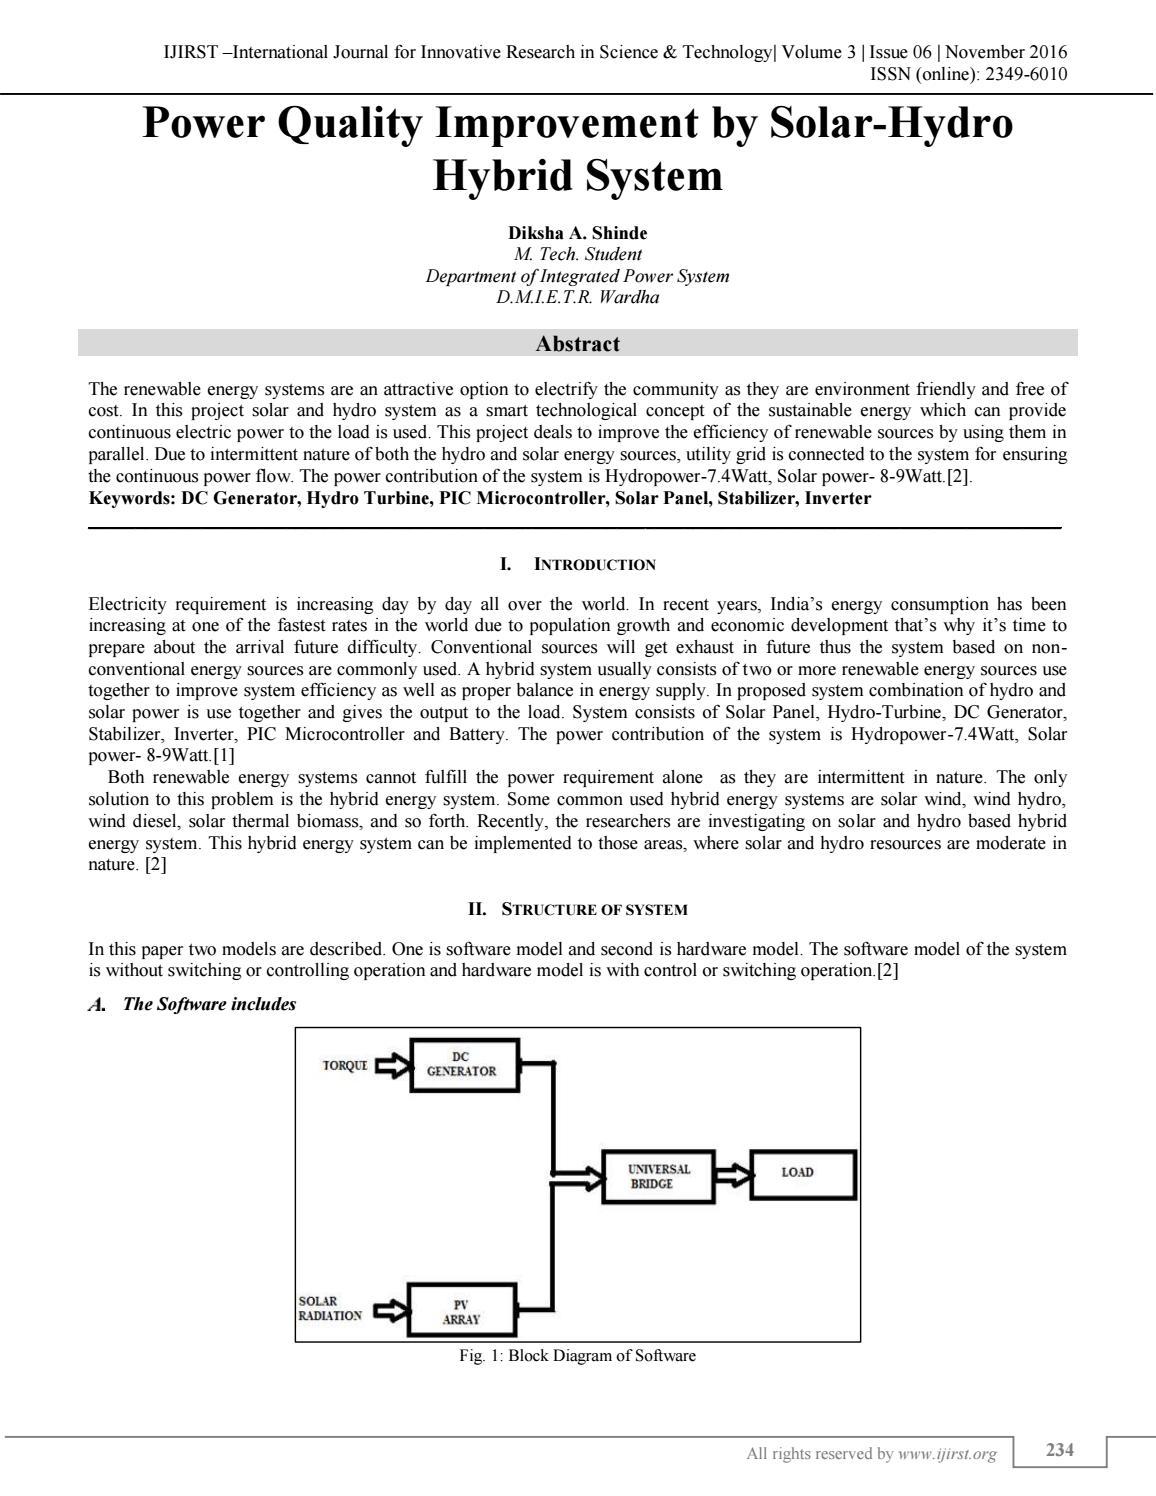 Power Quality Improvement By Solar Hydro Hybrid System Ijirst Issuu Block Diagram Generator Control